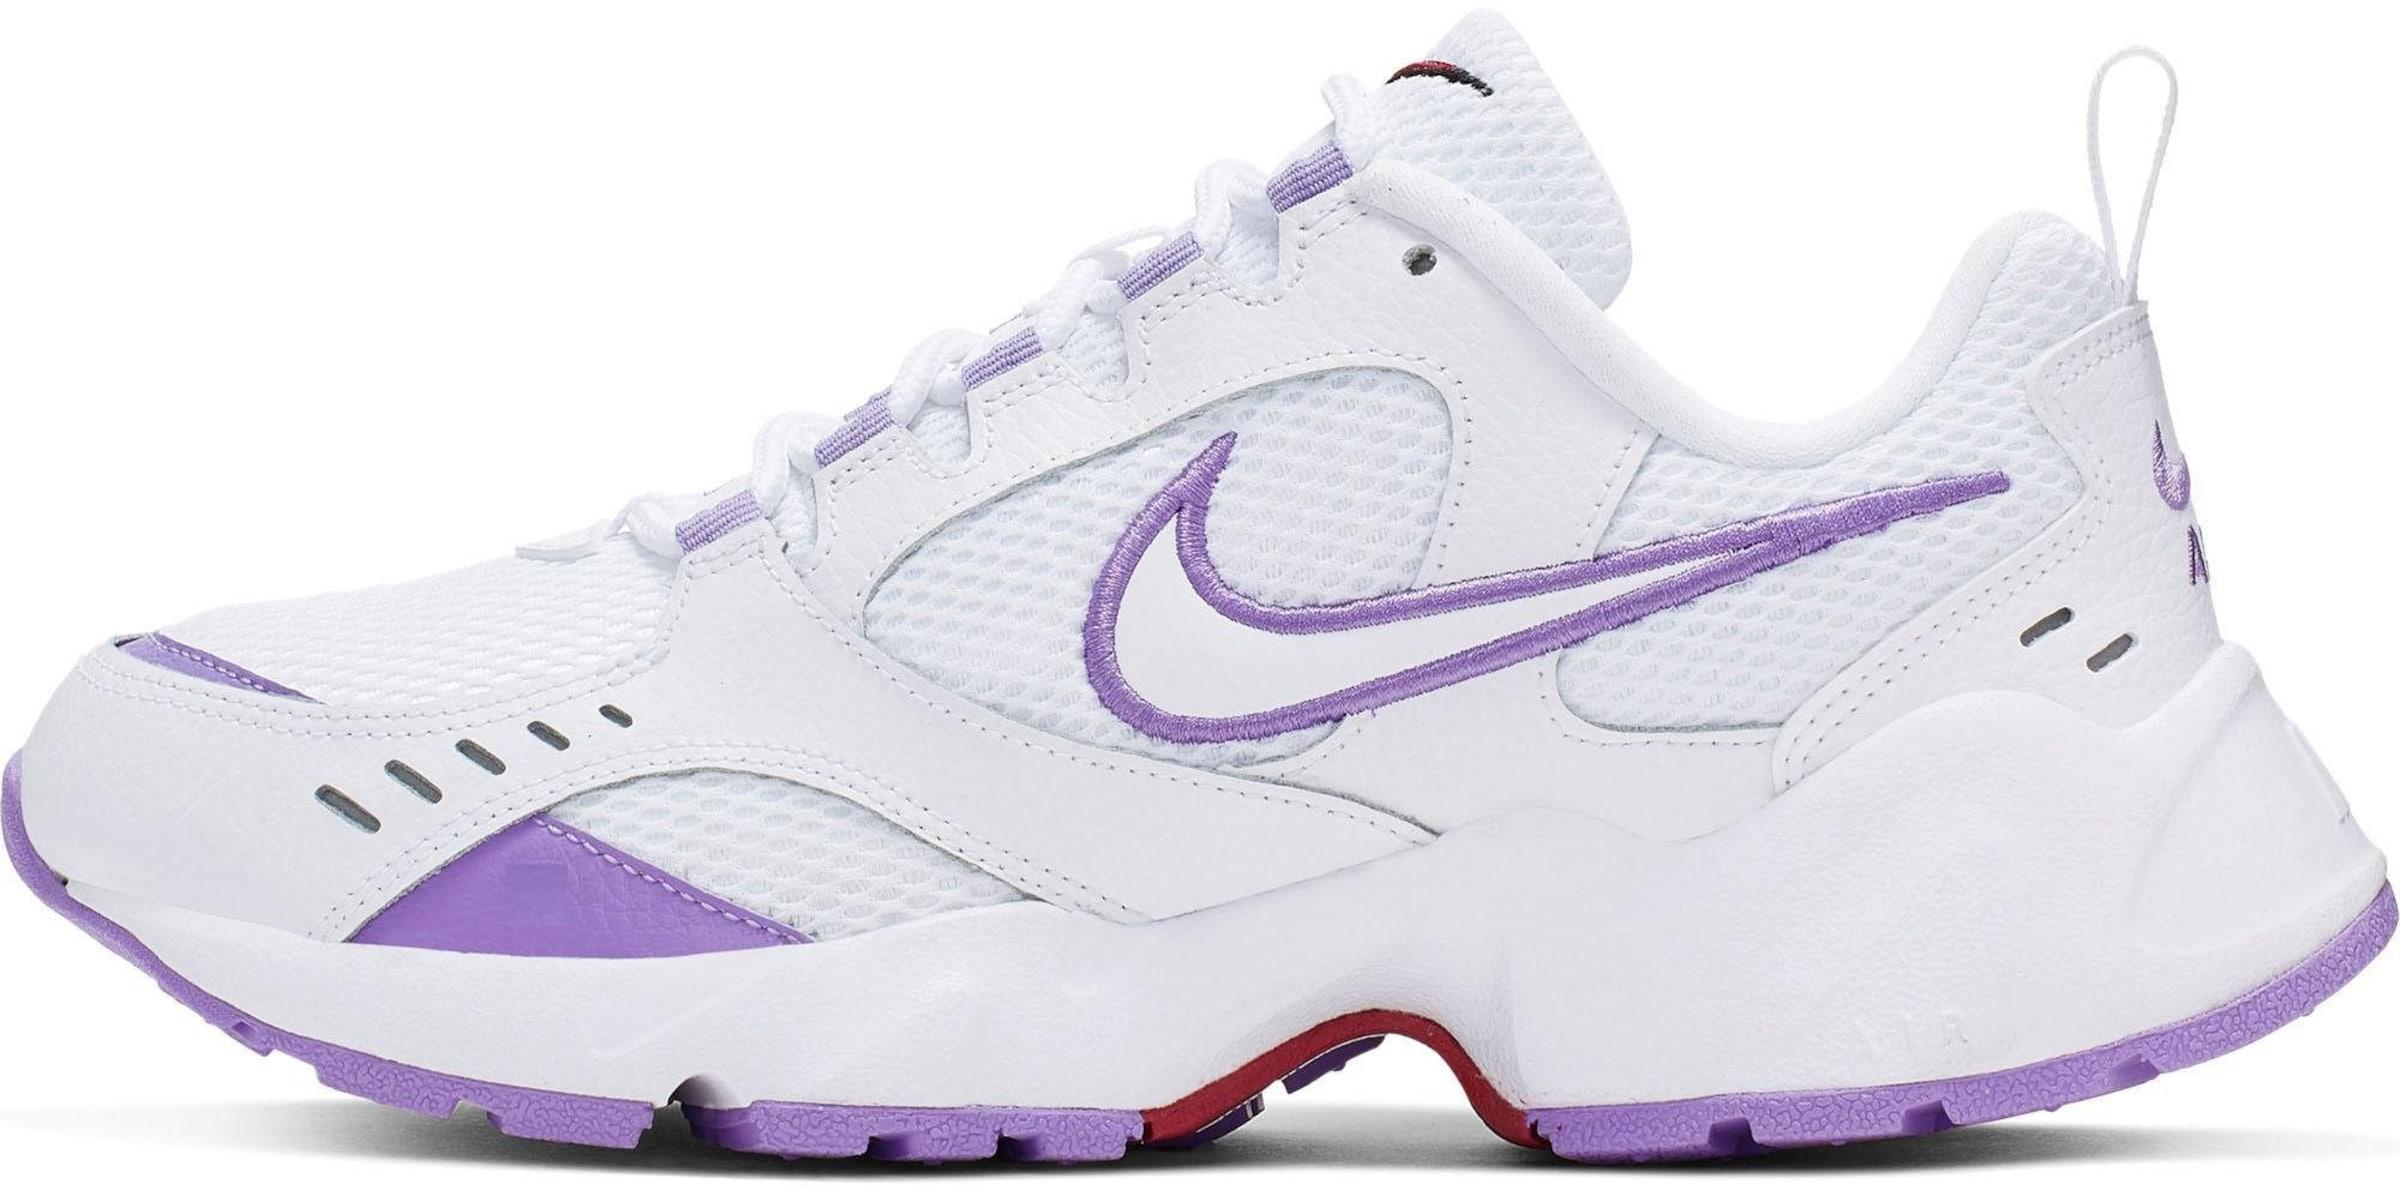 Nike Sportswear Turnschuhe 'Air Heights' in helllila   weiß